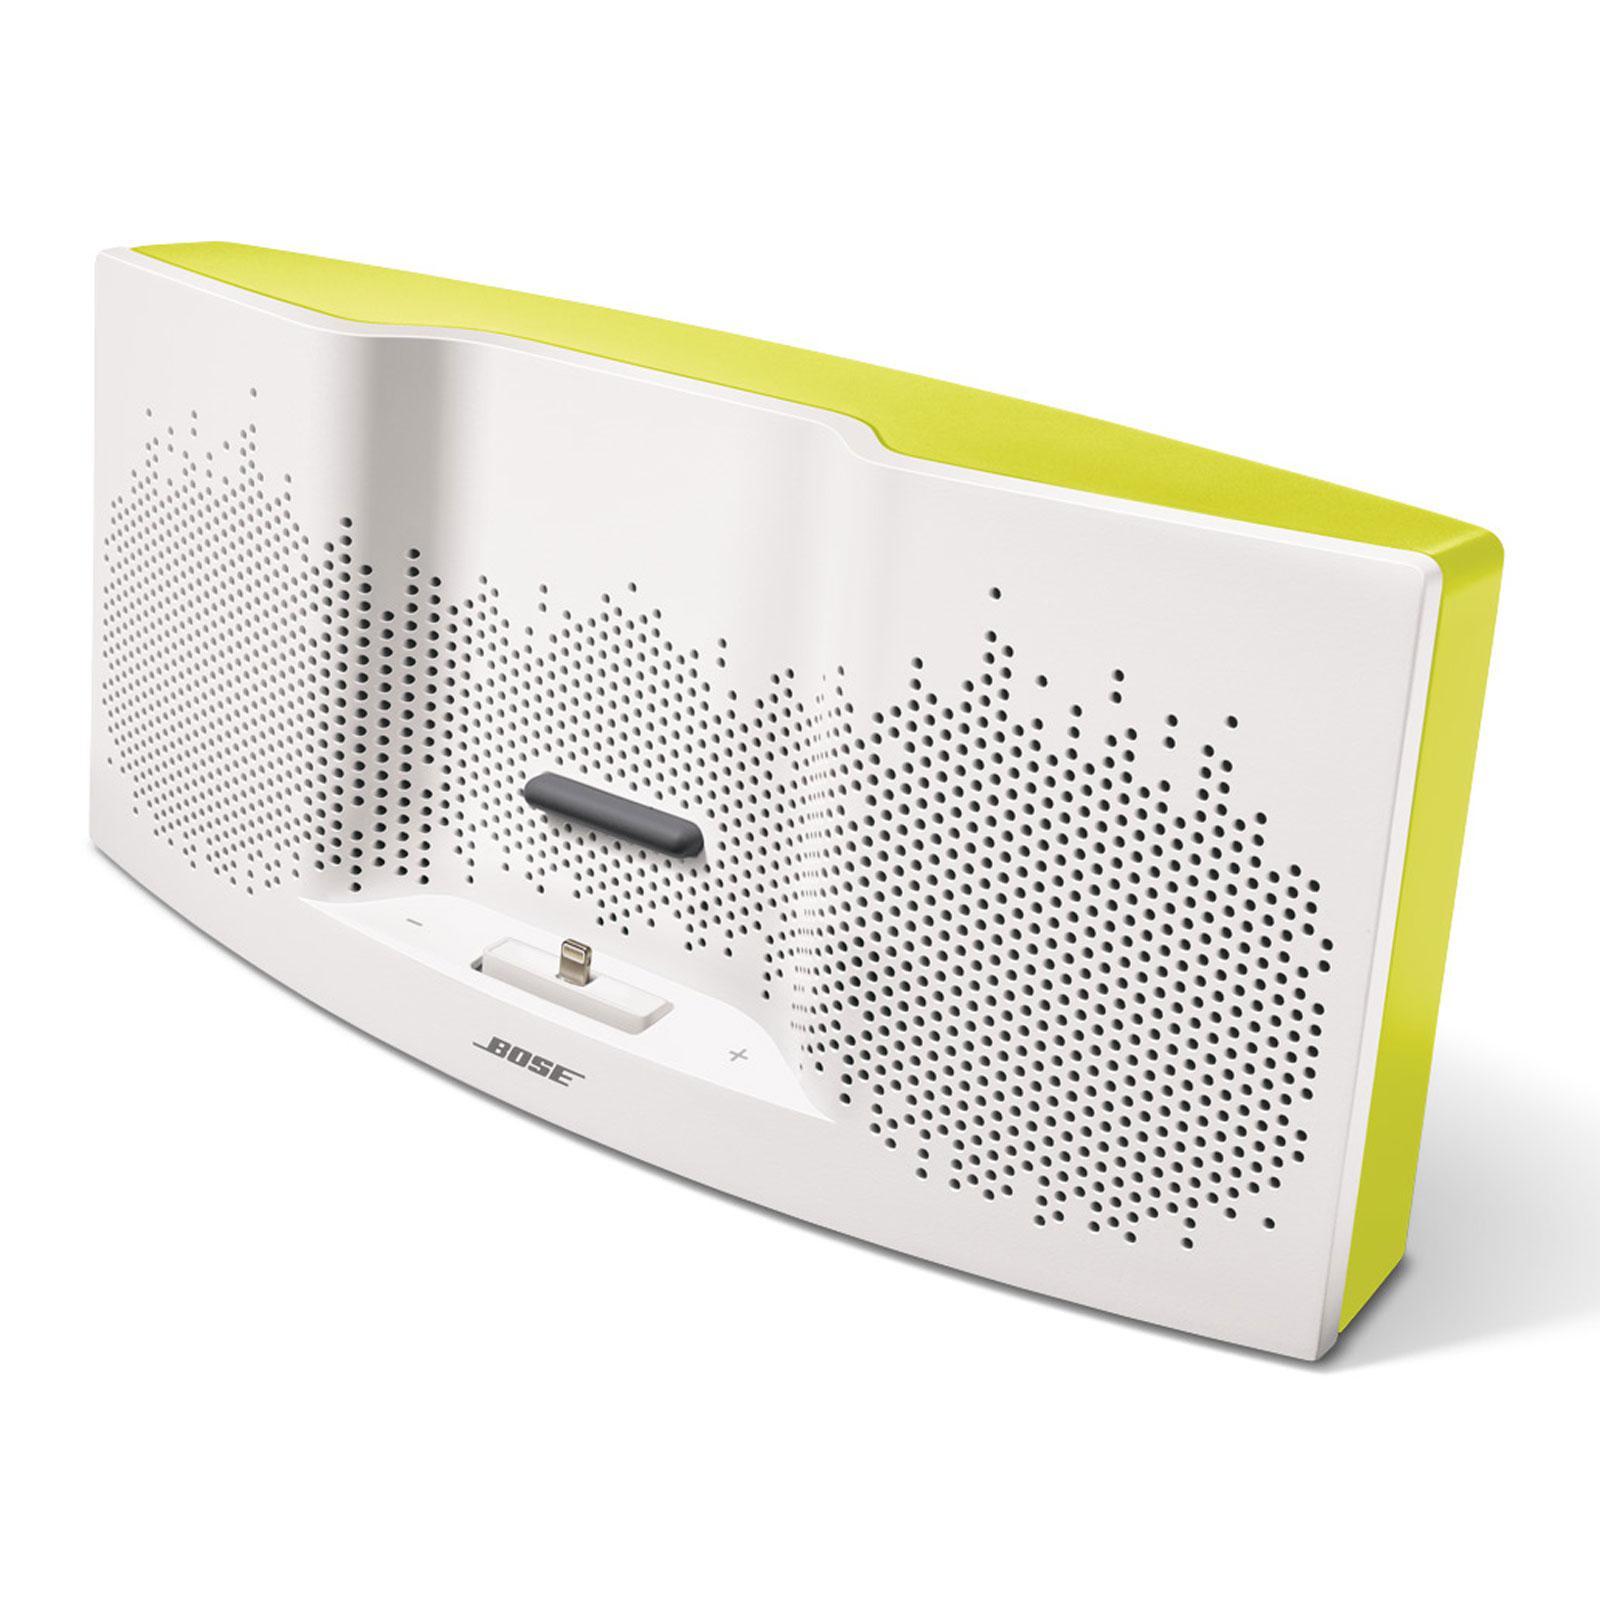 [Adhérent] Enceinte Bose Soundock XT Yellow